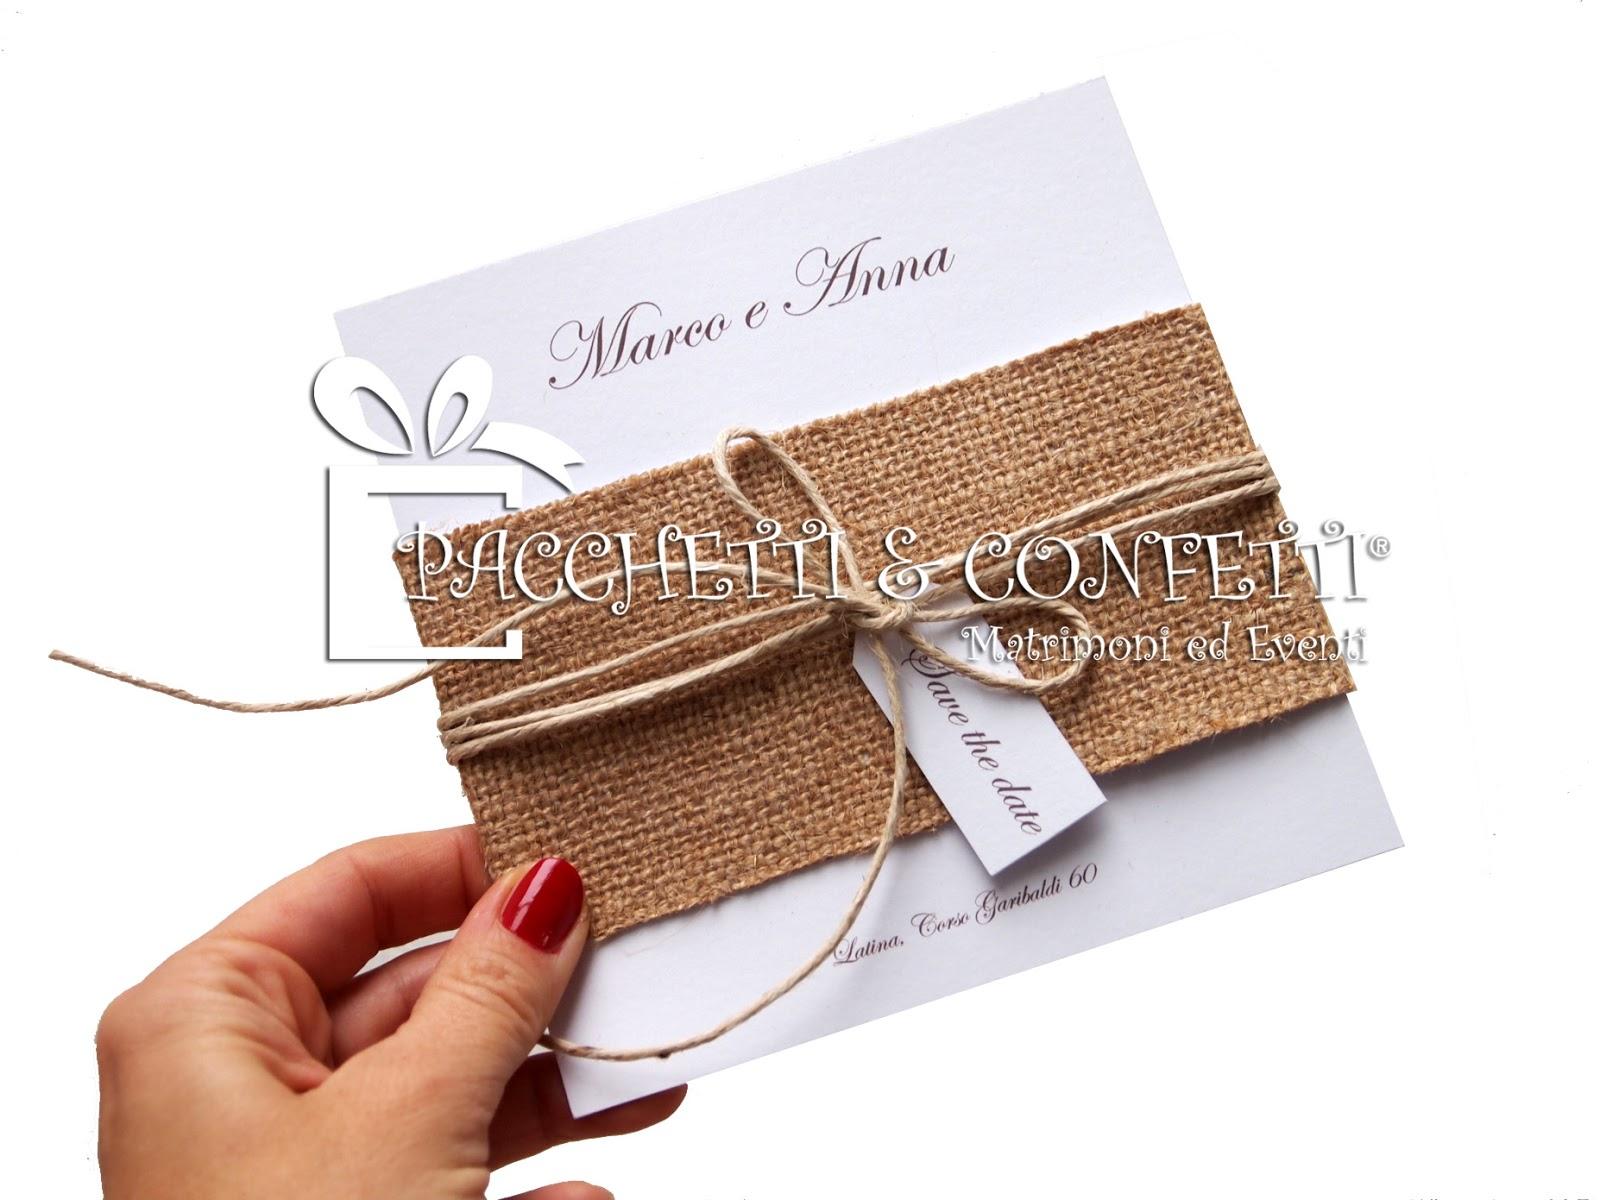 Partecipazioni Matrimonio In Juta : Pacchetti e confetti idee nozze con la juta